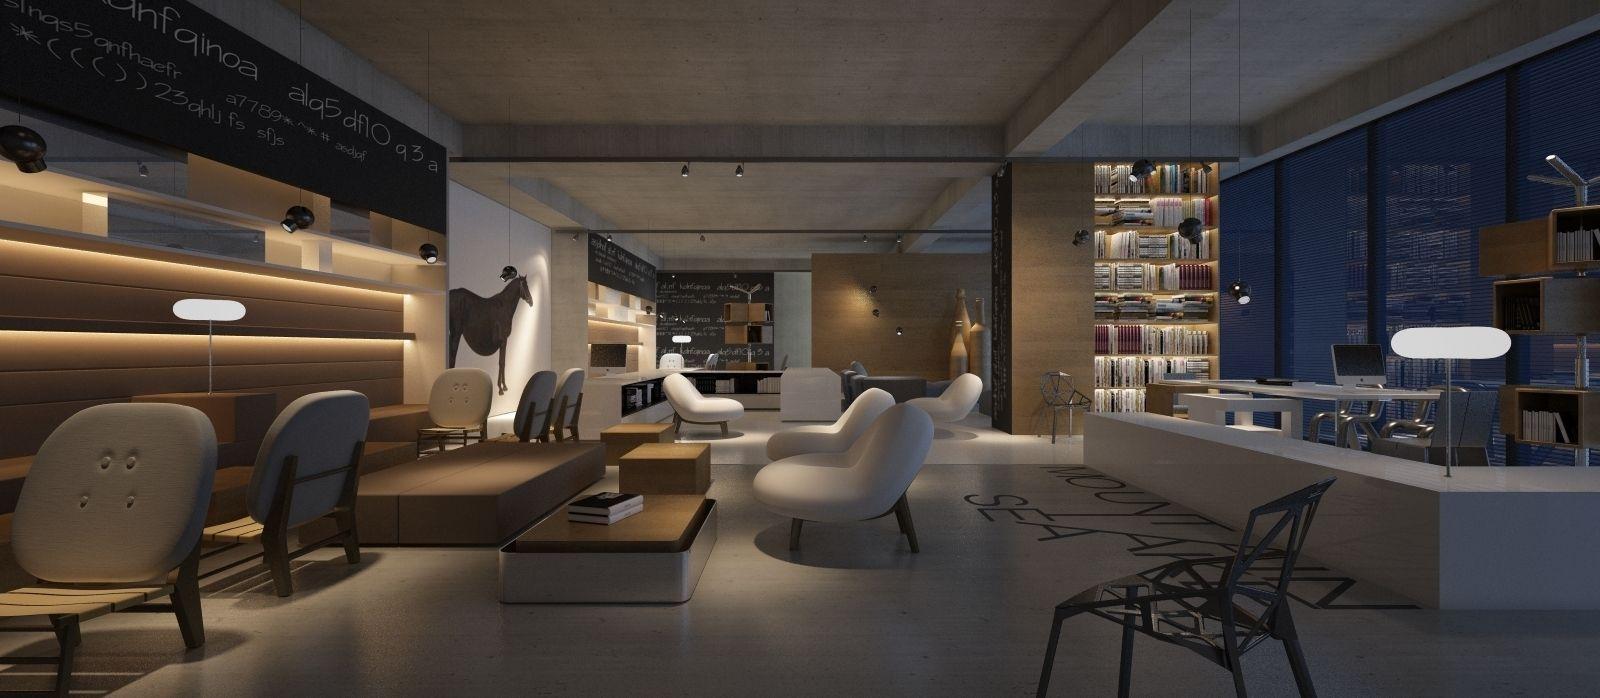 Interior design coffee house 3d model max for New model interior design